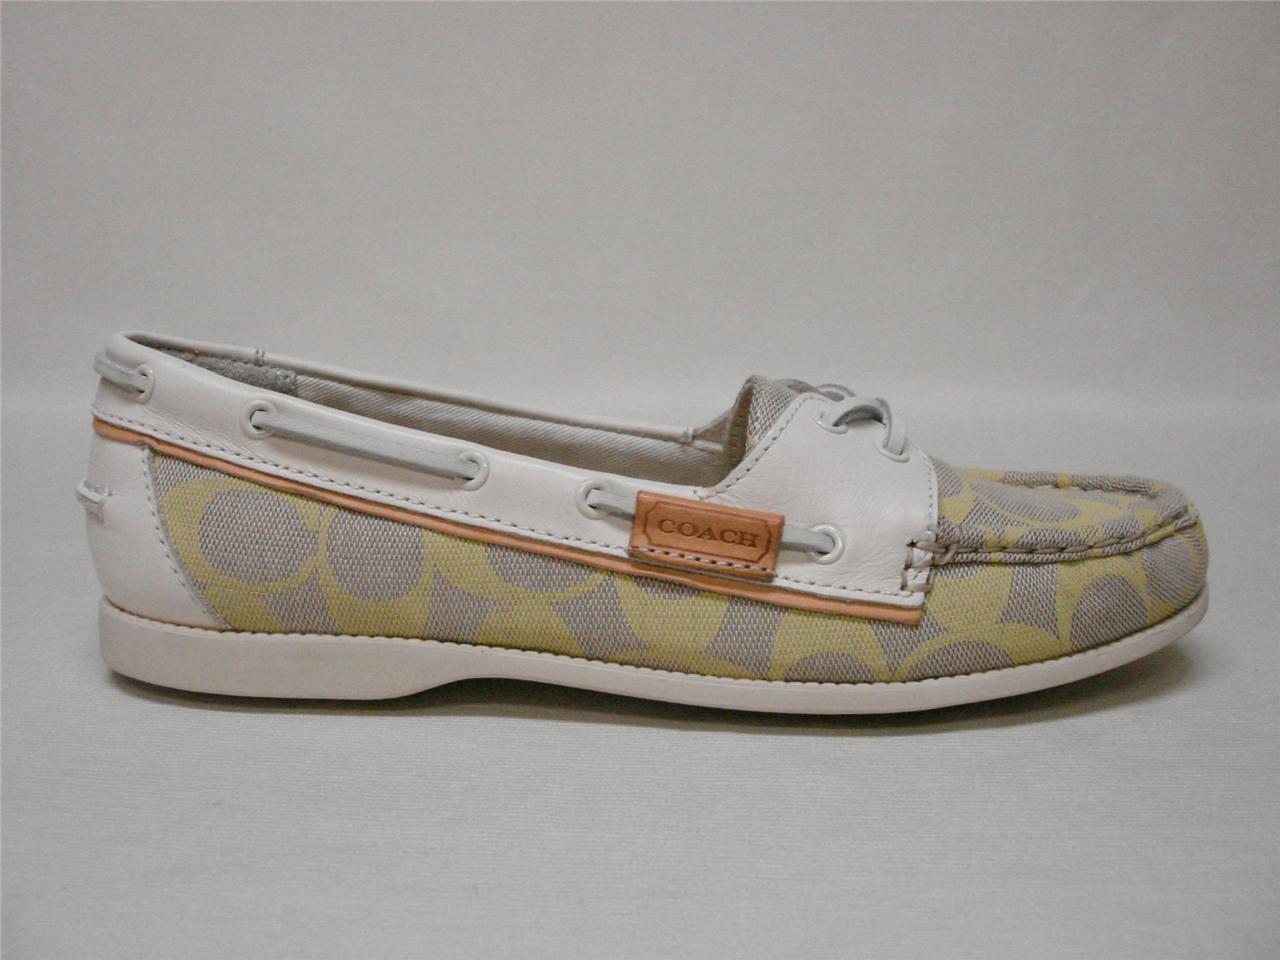 Neu in Box Trainer Unterschrift Coralin Sprout Natürlich Jacquard Stiefel Schuhe